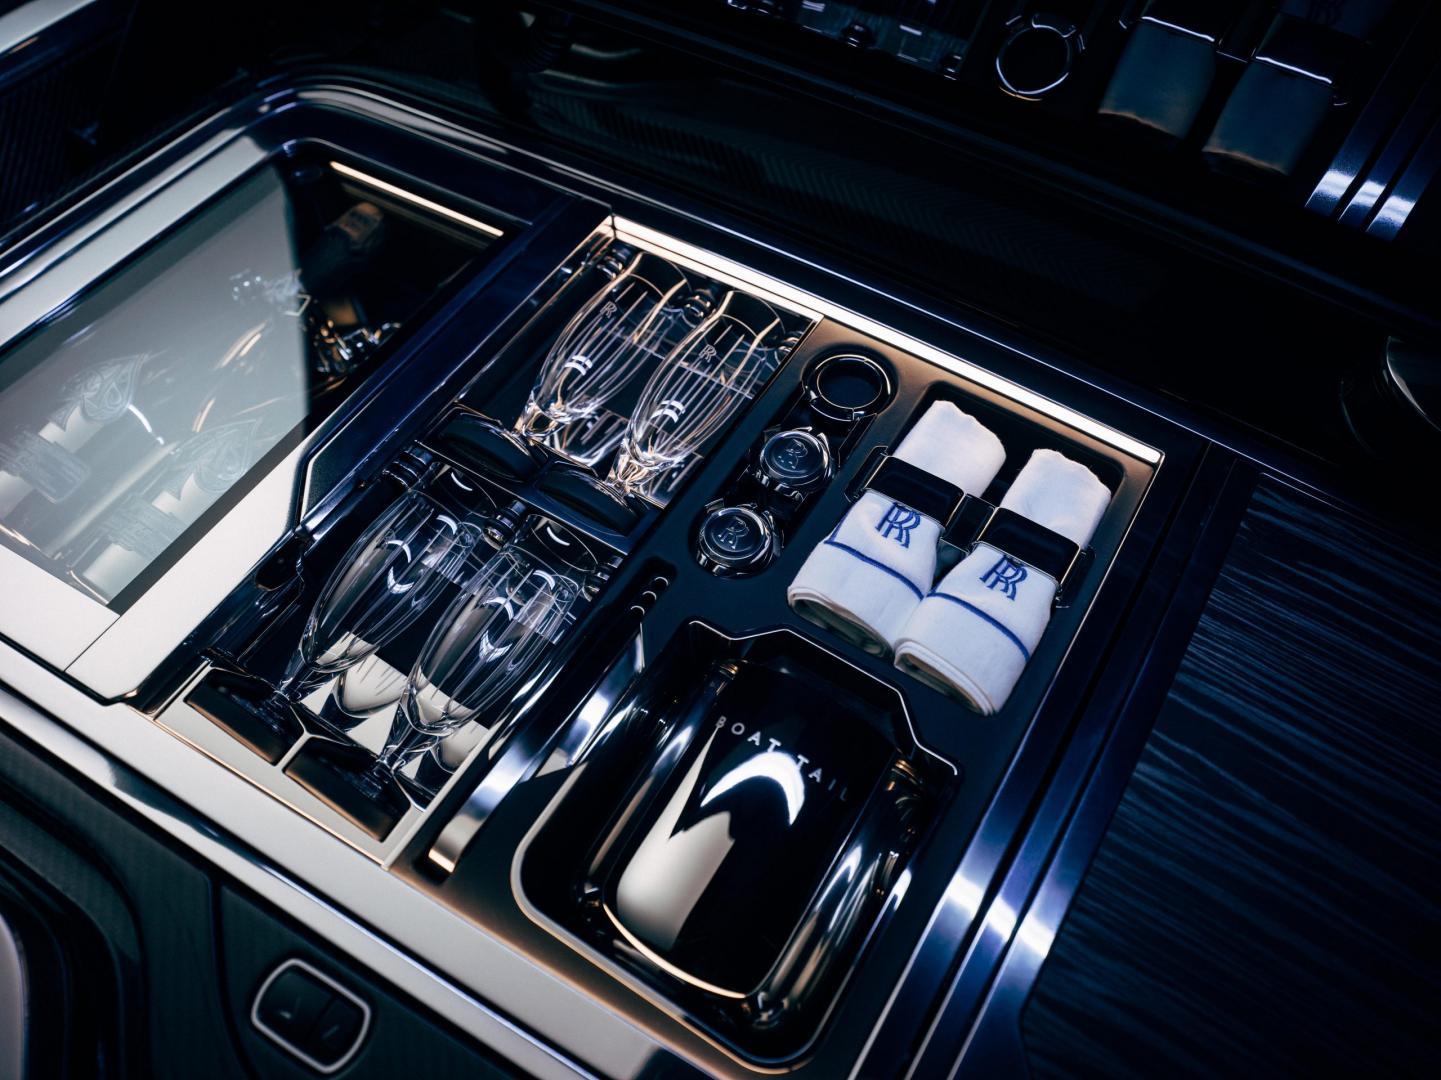 Champagnekoelers in de Rolls-Royce Boat Tail